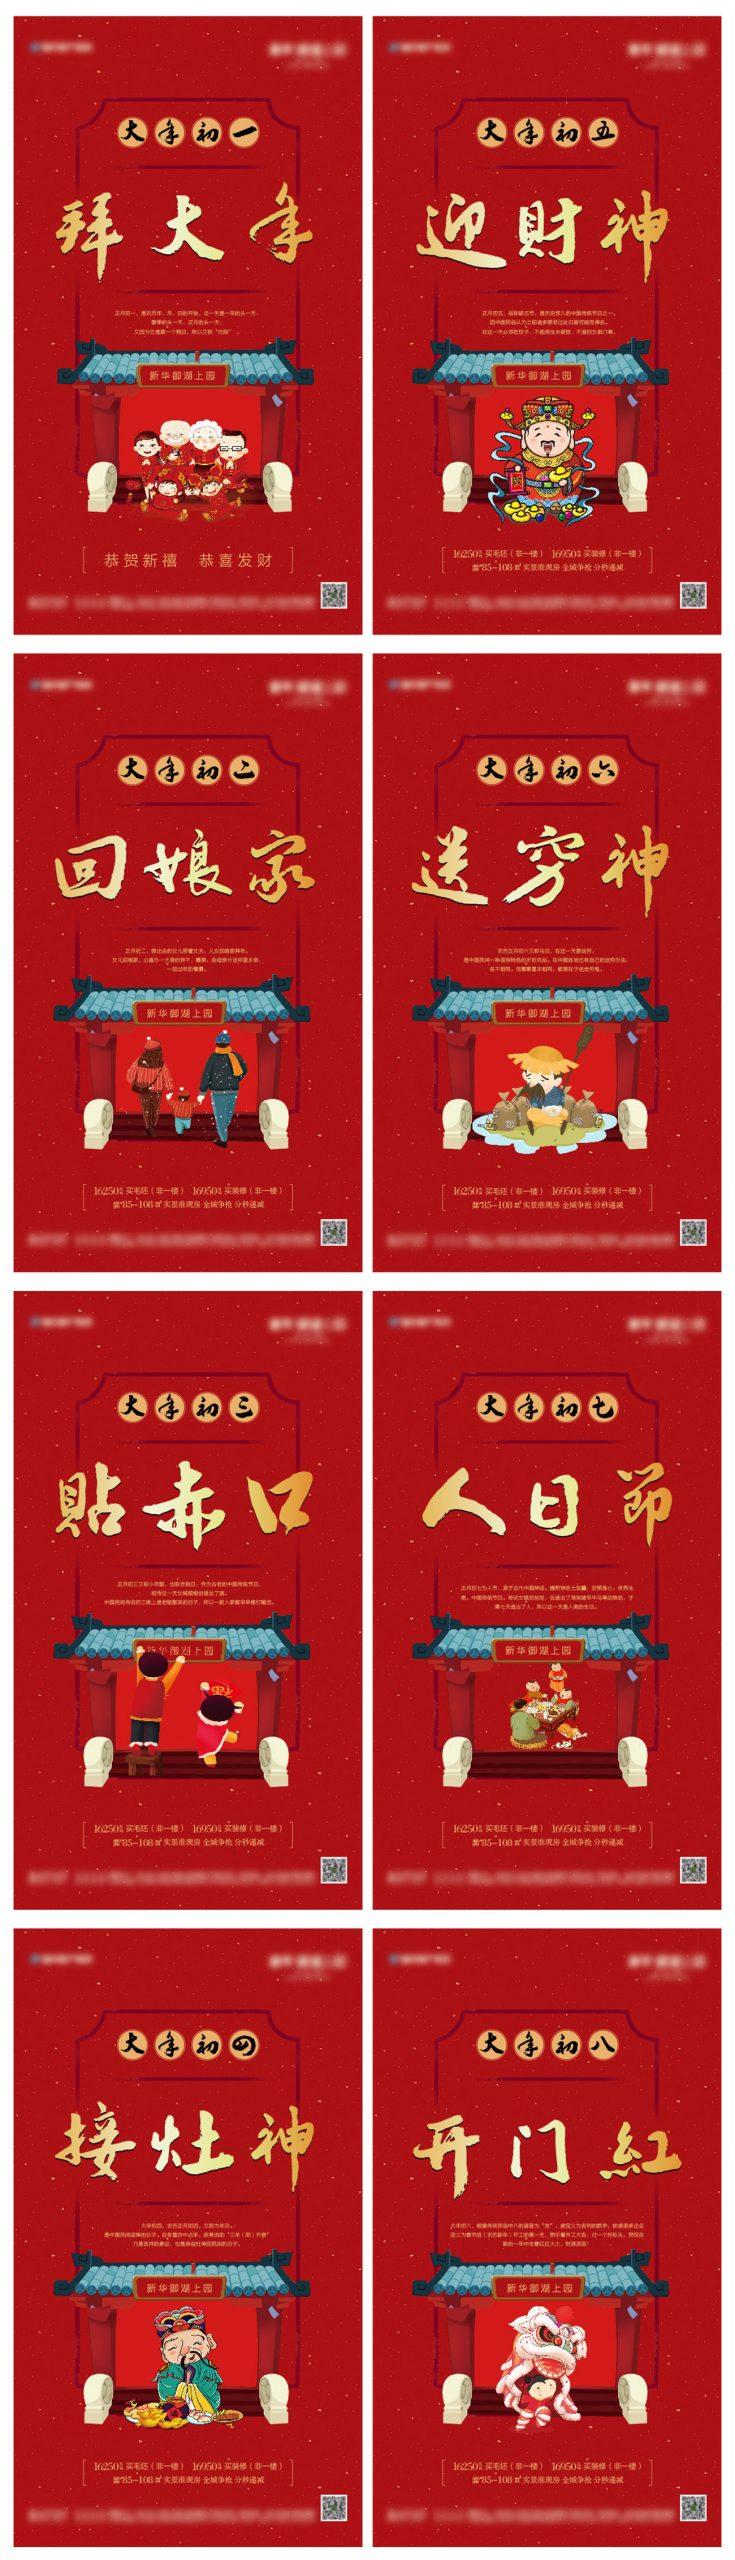 房地产春节年俗海报AI源文件插图